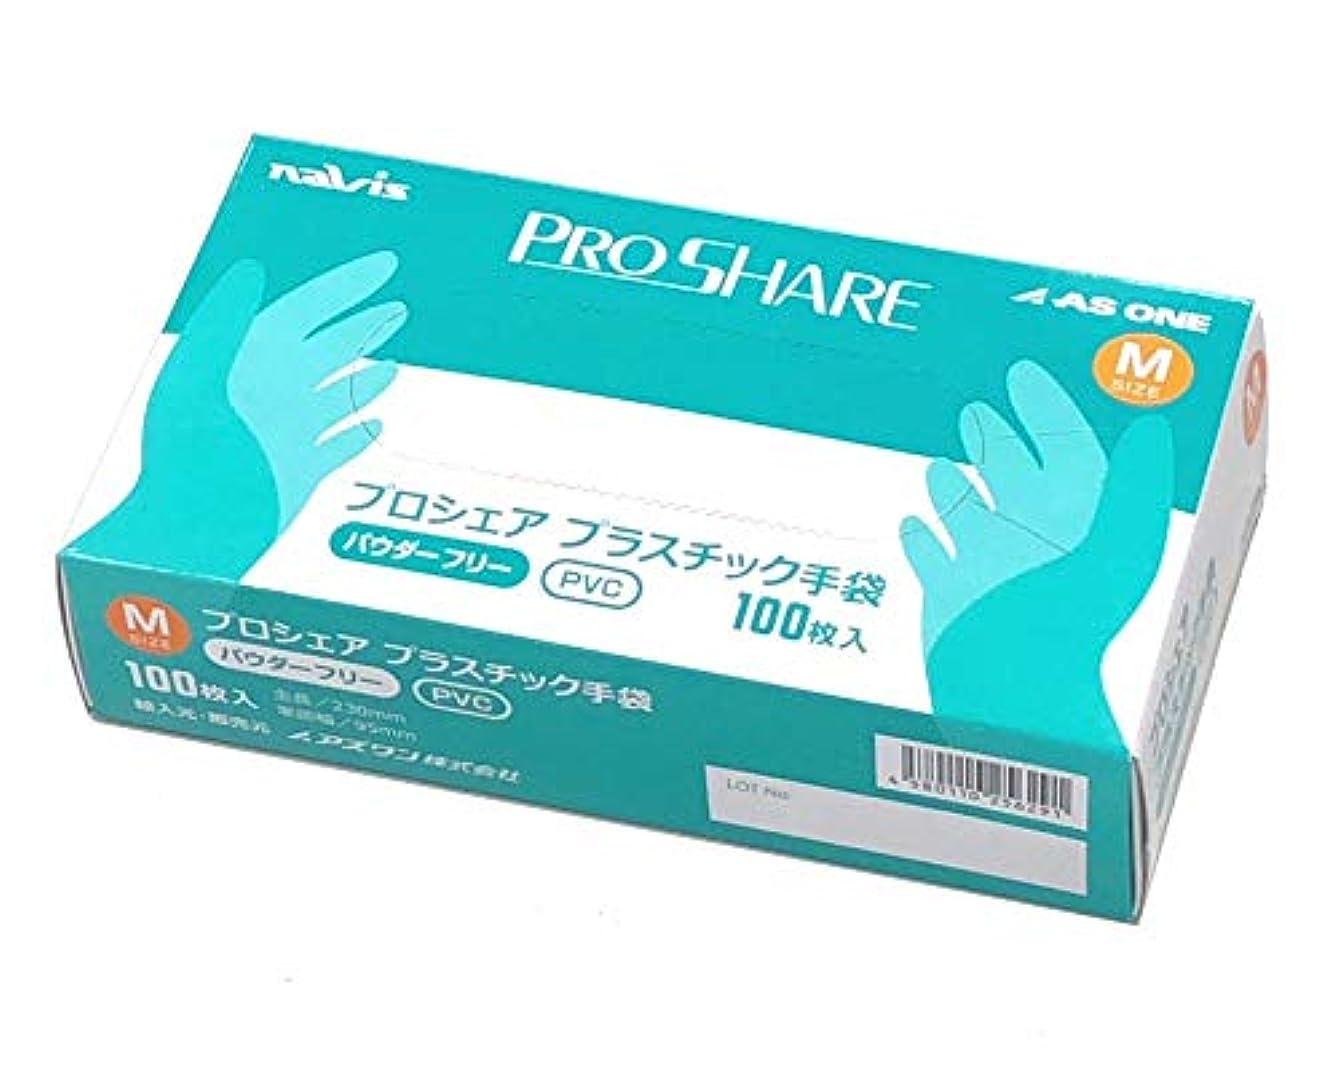 マイク従順針ナビス プロシェア 使い捨て プラスチック手袋 パウダー無 M 1箱(100枚入) / 8-9569-02